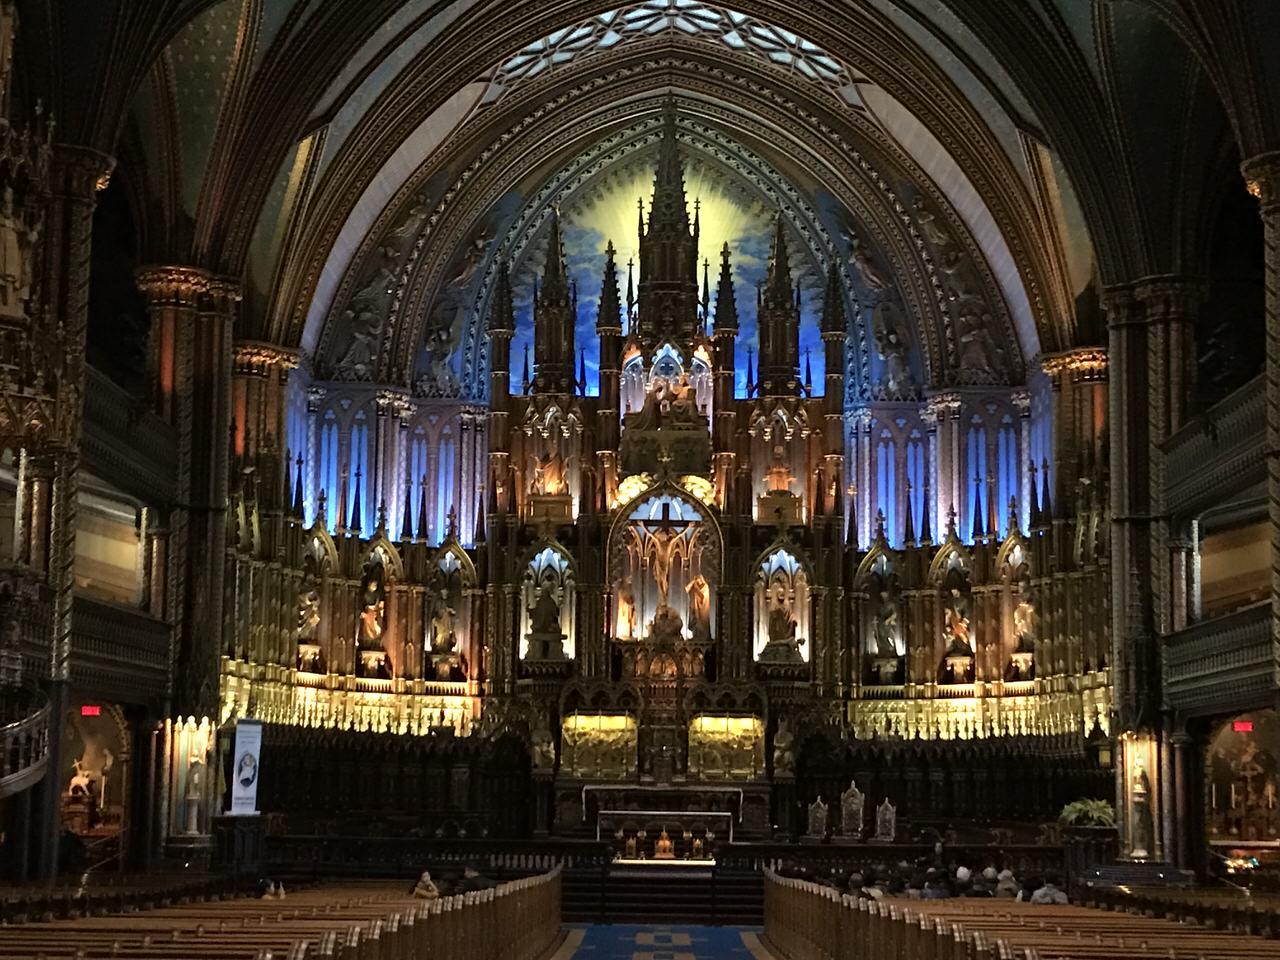 「モントリオール・ノートルダム大聖堂」青い祭壇とステンドグラスが印象的な教会